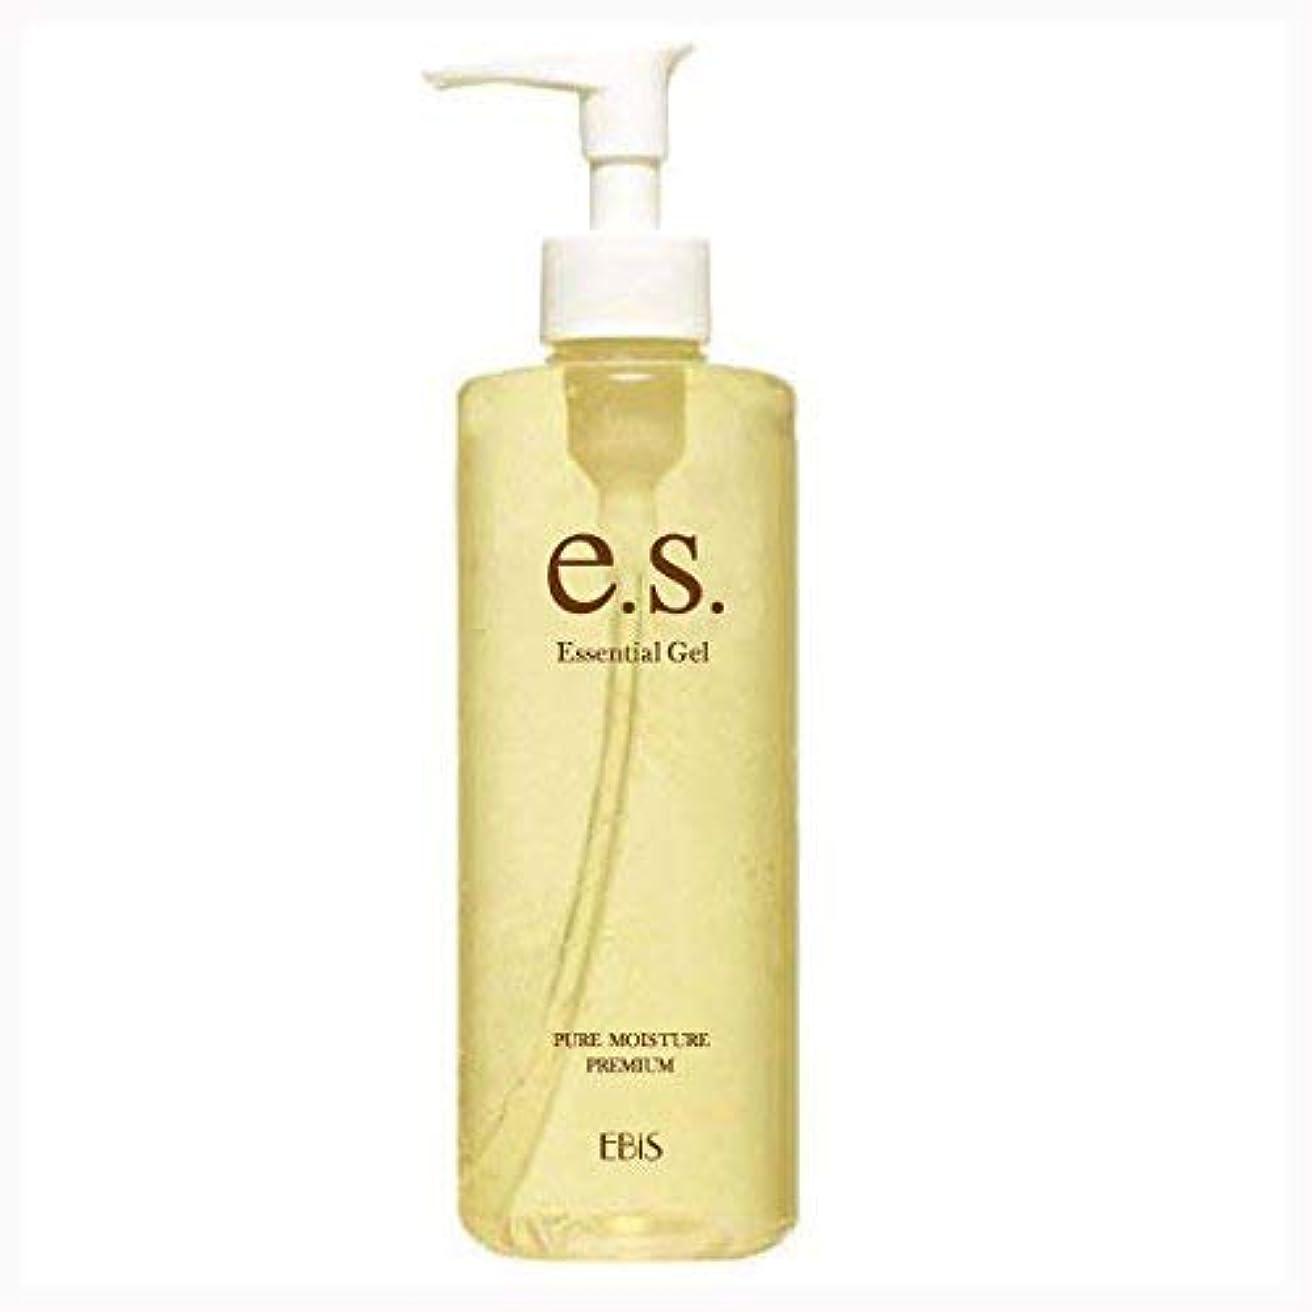 イディオム浸食生きているエビス化粧品(EBiS) イーエスエッセンシャルジェル (310g) 美顔器ジェル 無添加処方 アルコールフリー 日本製 男女兼用 保湿ジェル